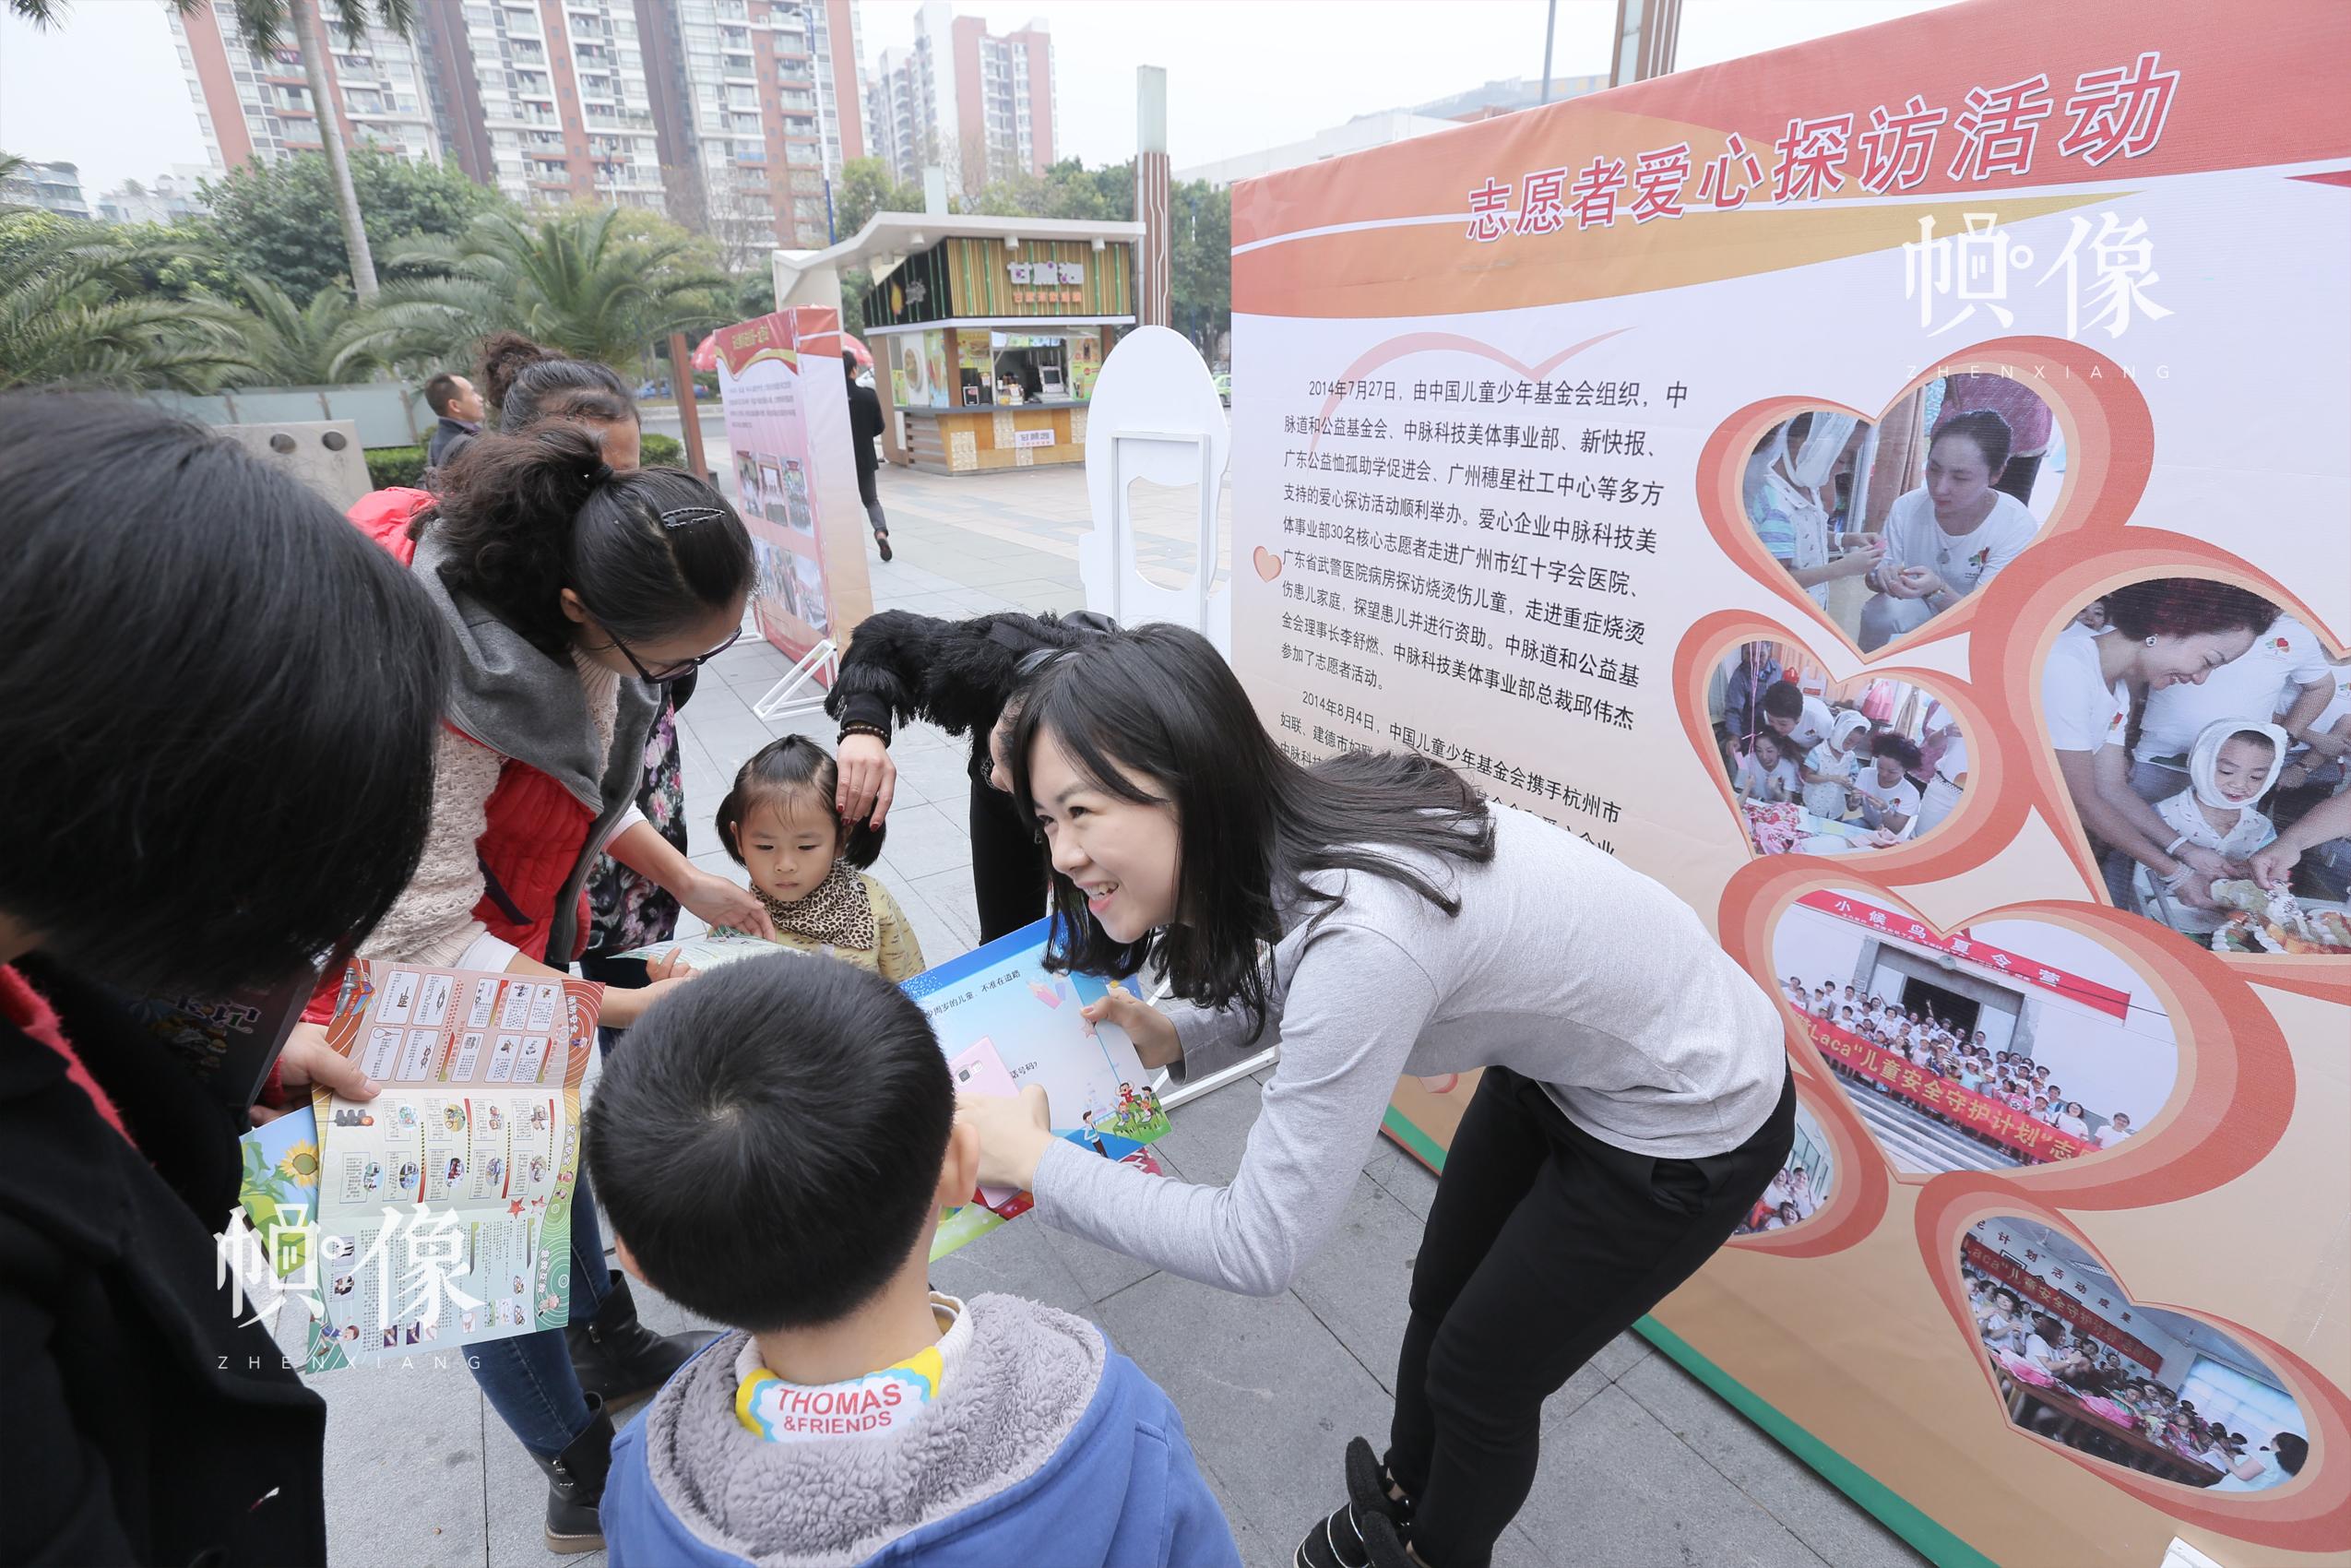 安全教育巡展广州站活动,志愿者参与安全知识宣讲。中国儿童少年基金会供图